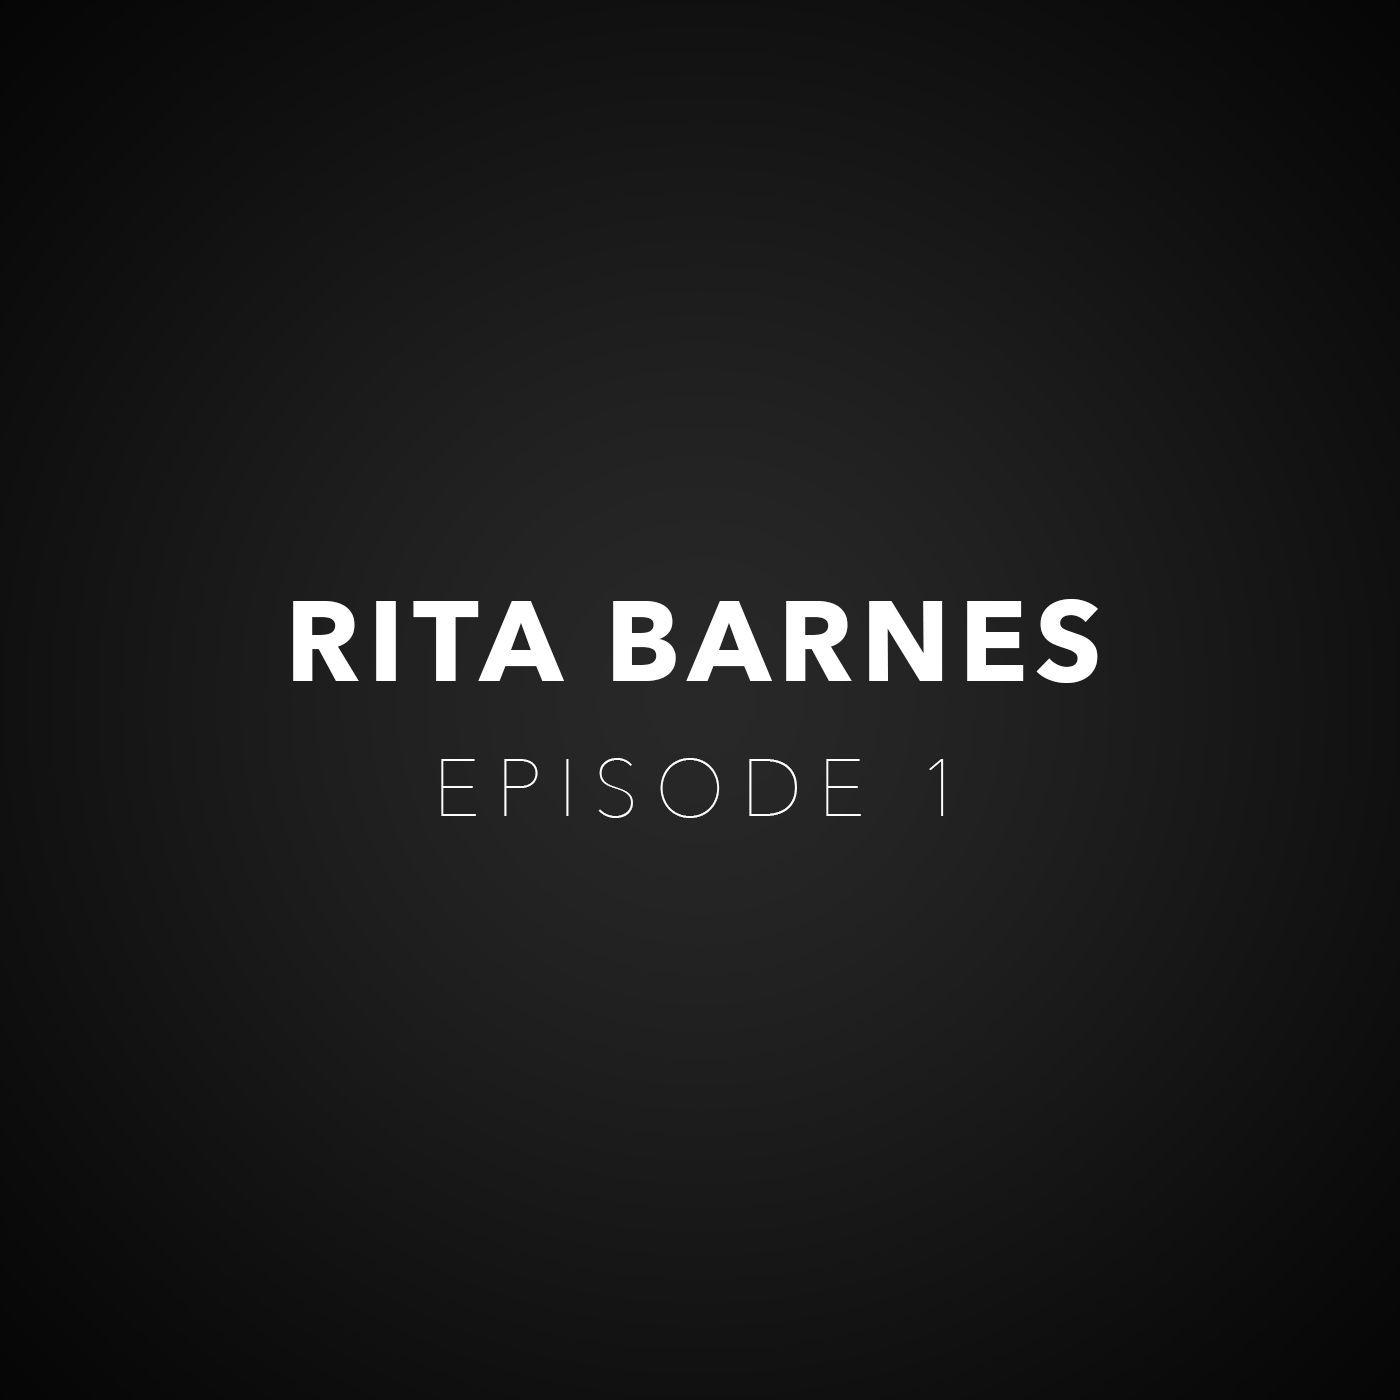 Episode 1 - Rita's Reckoning